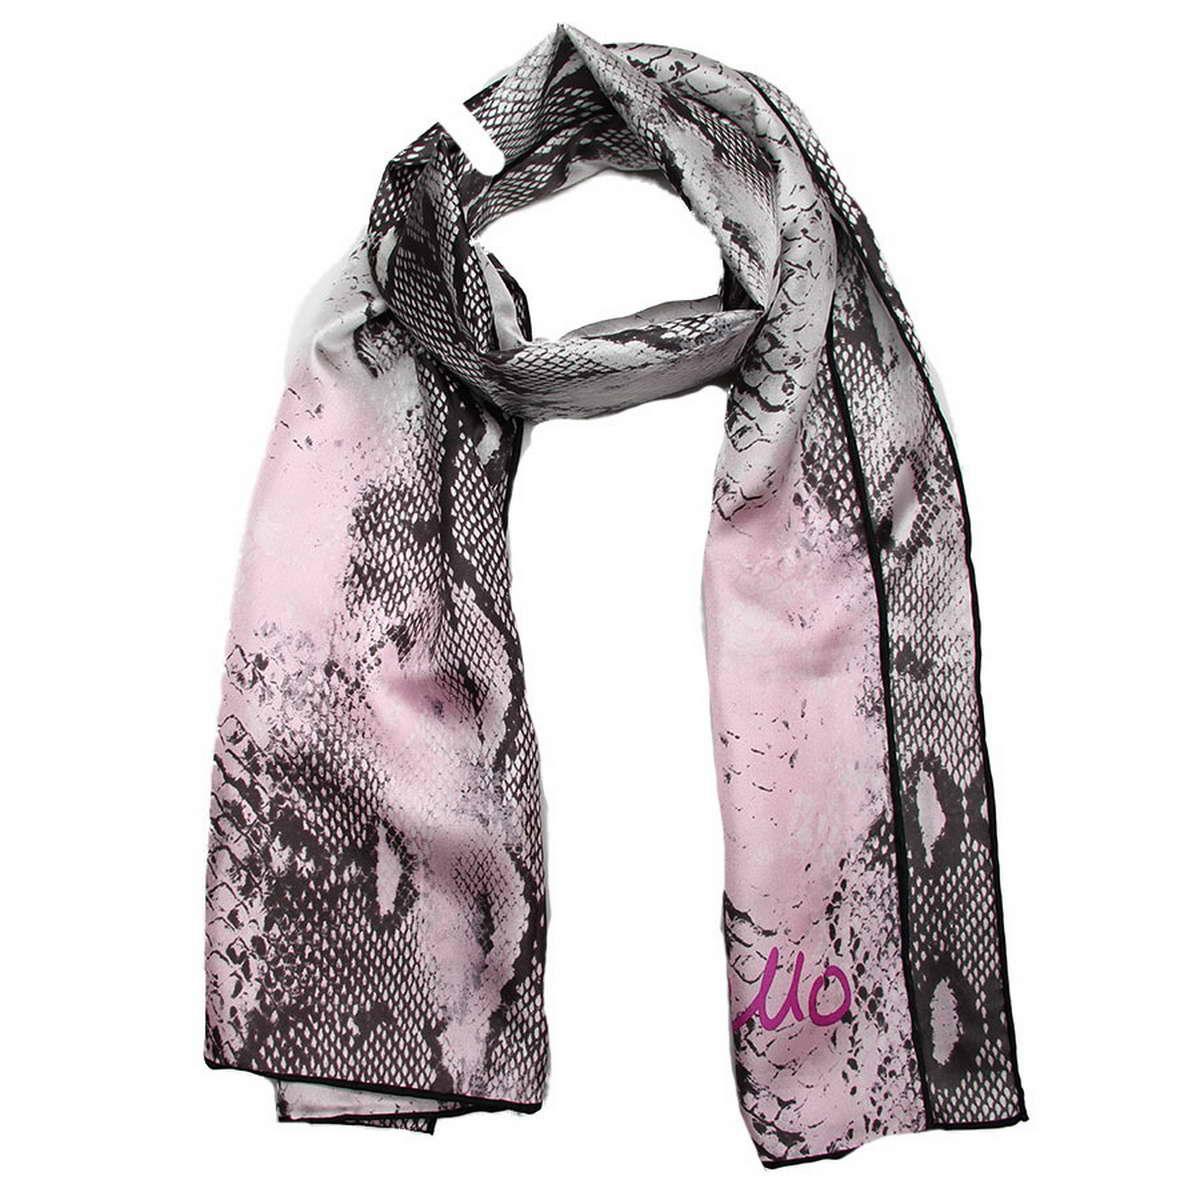 Шарф4900471-2Стильный шарф Codello согреет вас в прохладную погоду и станет достойным завершением вашего образа. Шарф изготовлен из натурального шелка и оформлен оригинальным анималистическим принтом. Такой шарф красиво драпируется, а так же превосходно дополнит любой ваш наряд и подчеркнет изысканный вкус.